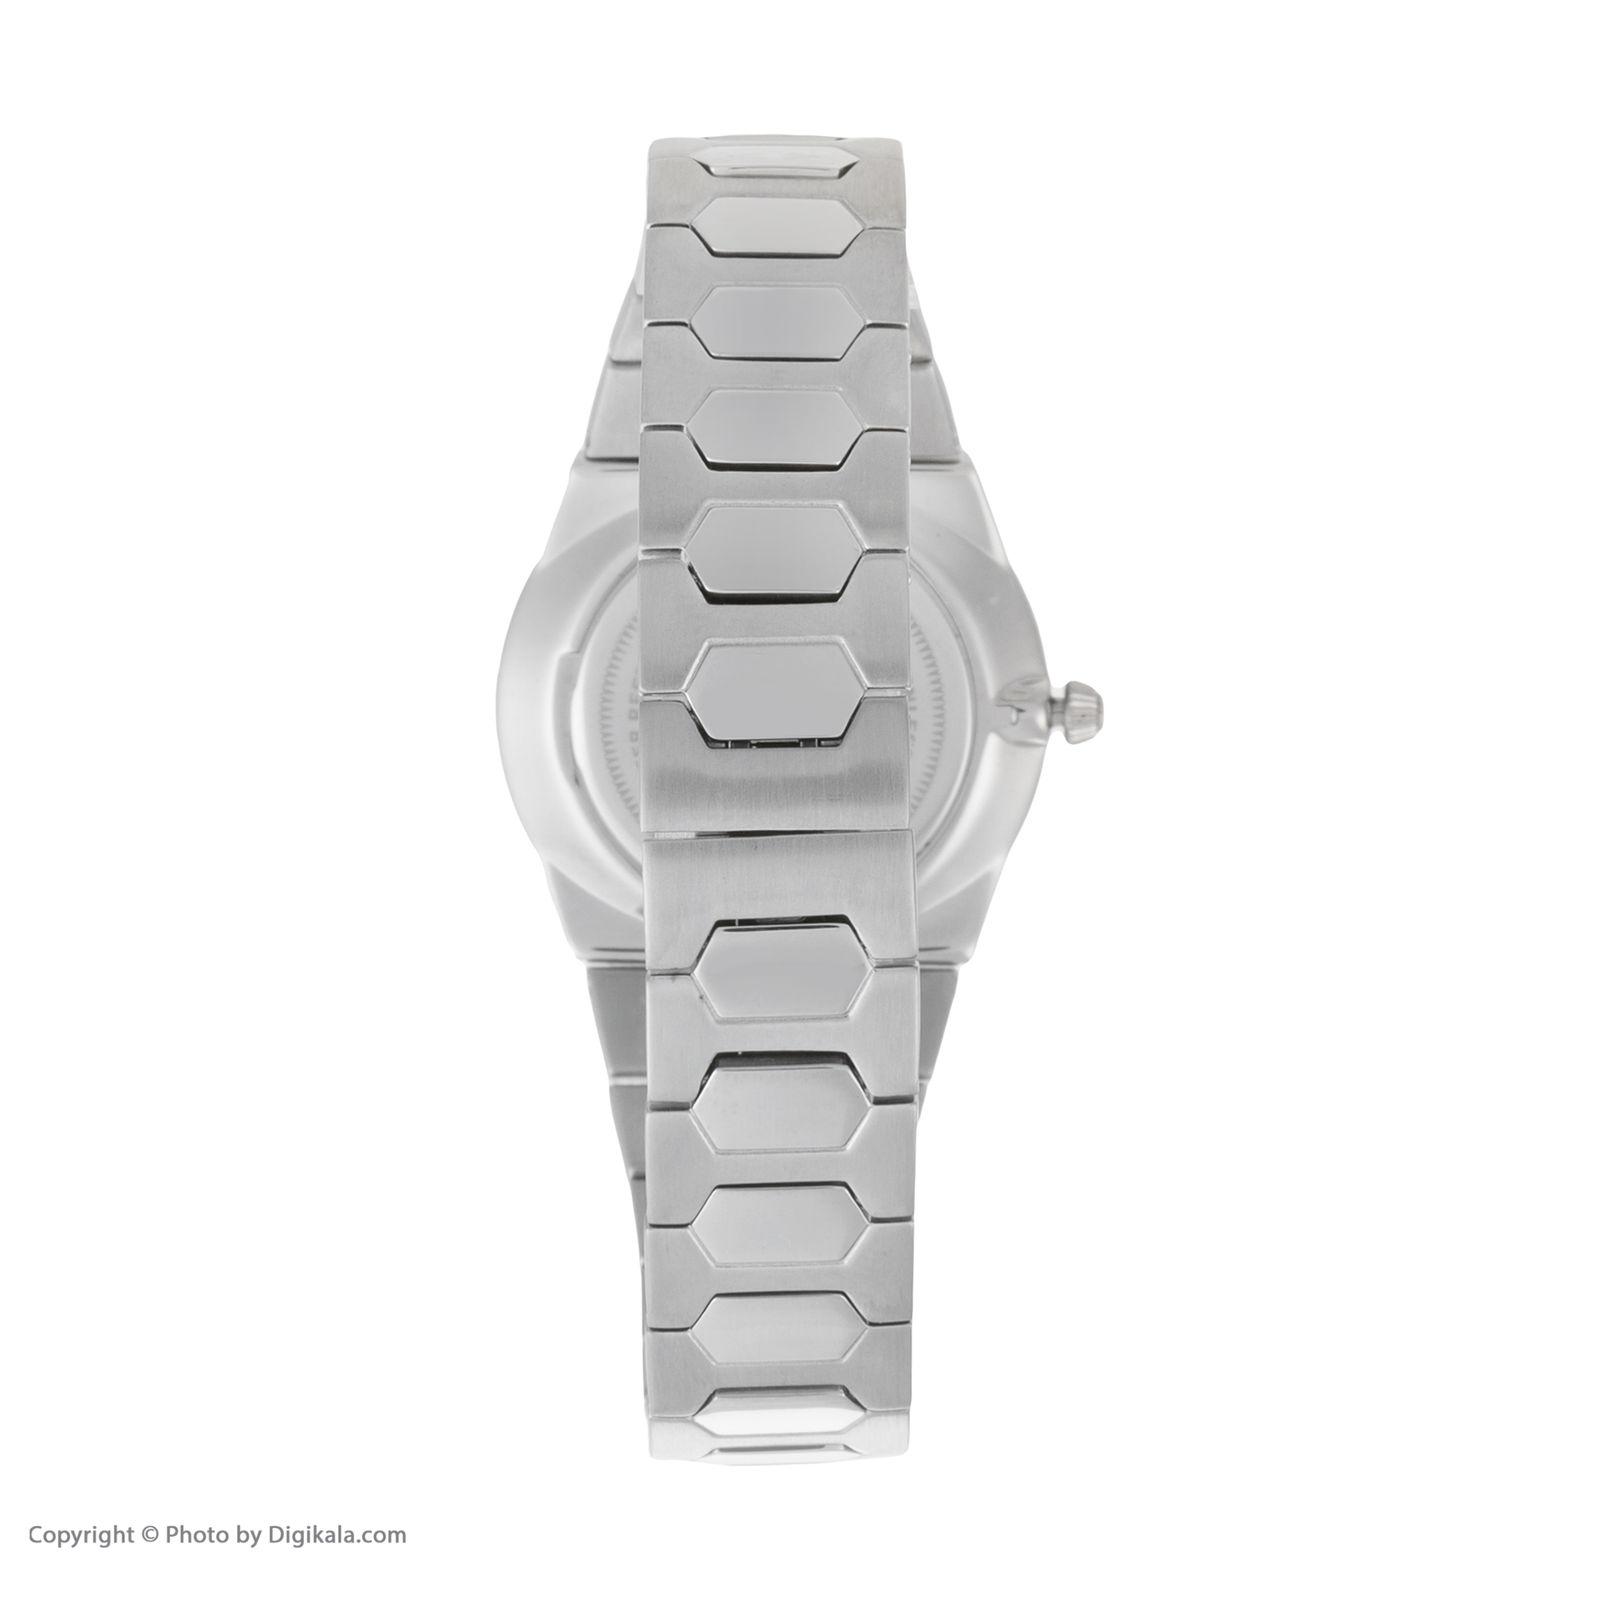 ساعت مچی عقربه ای زنانه کنتیننتال مدل 18601-LD101410 -  - 3